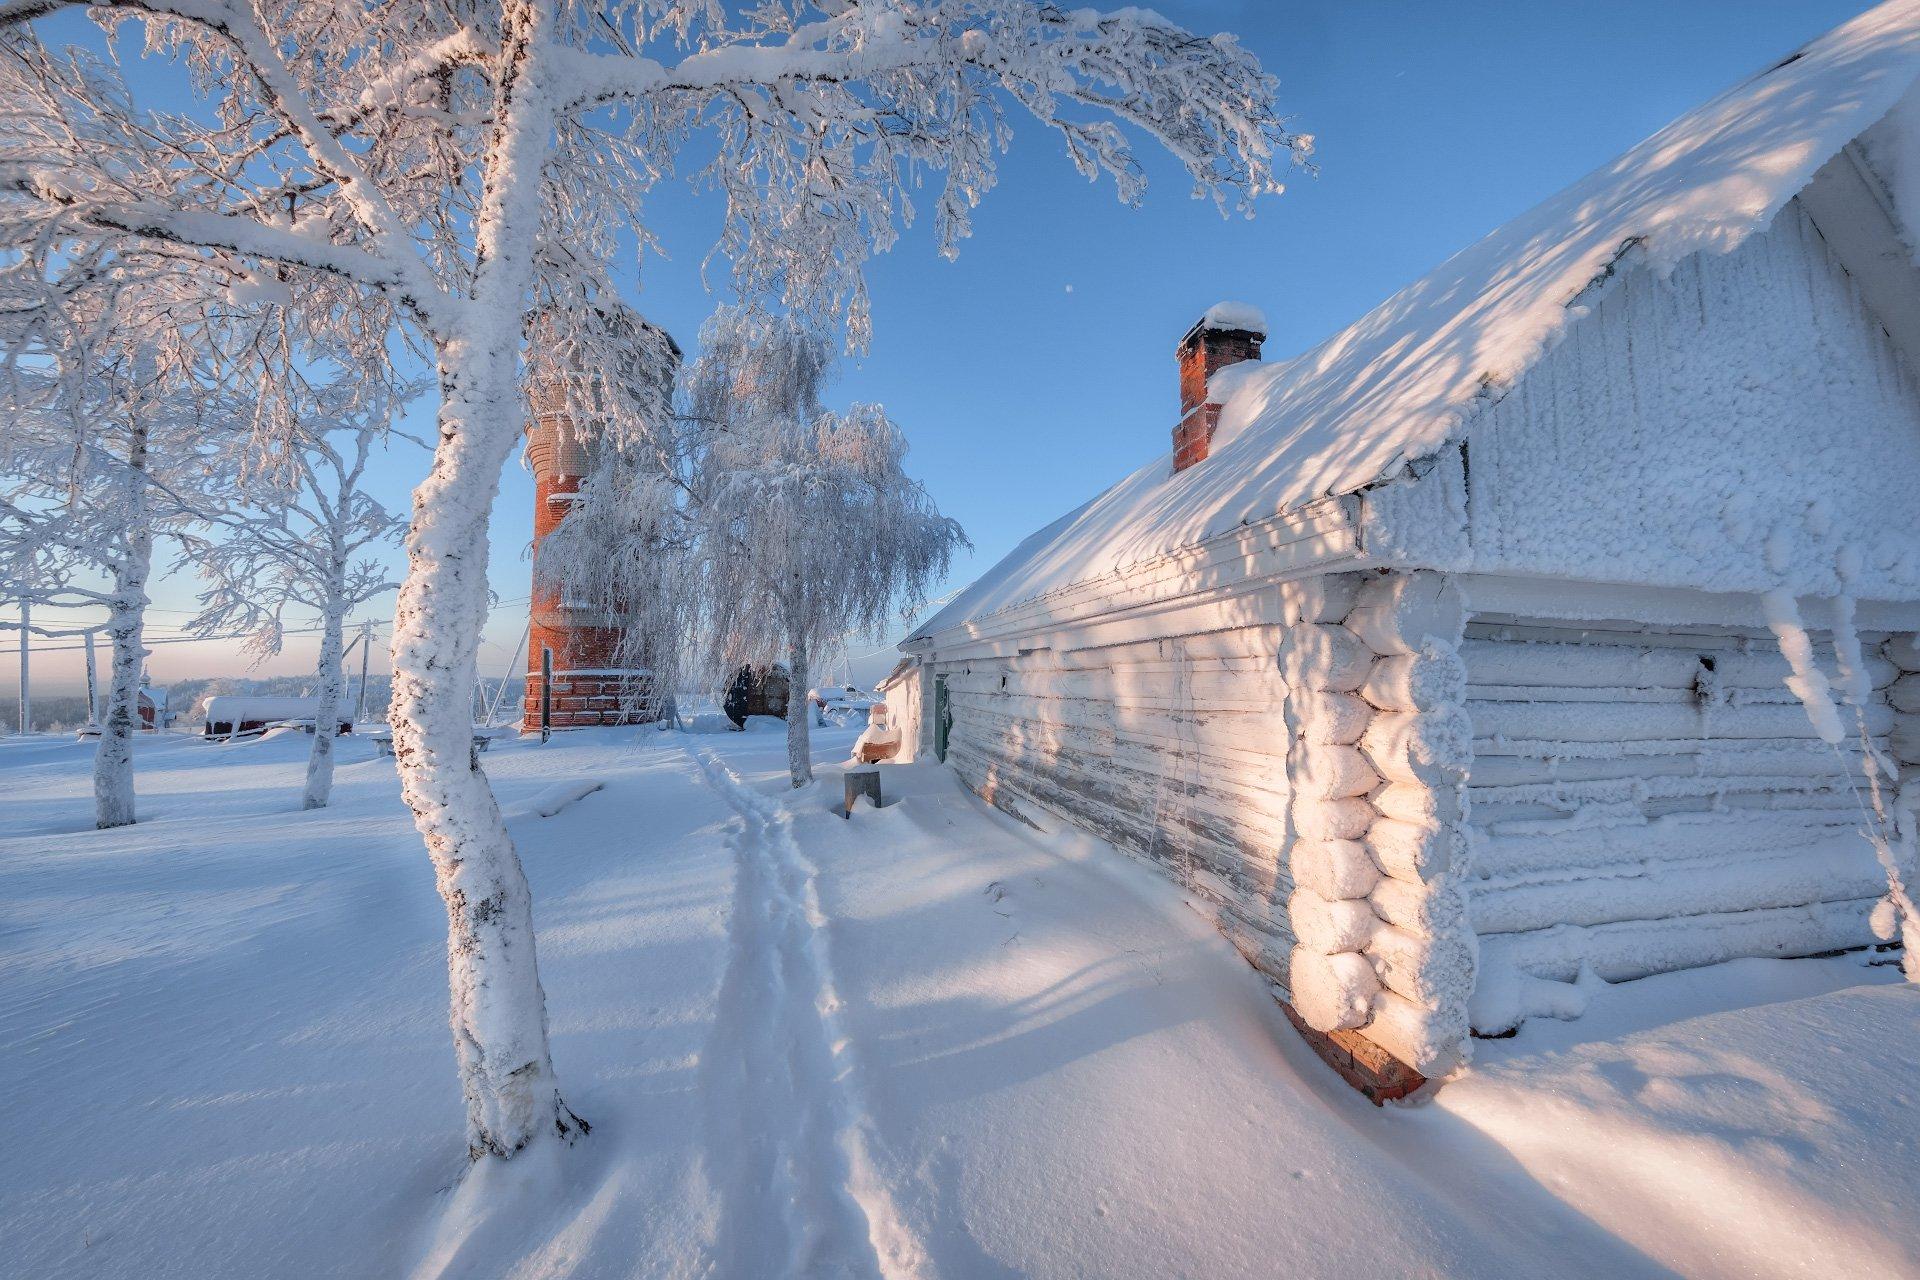 белая гора, зима, солнце, рождество, снег, мороз, метель, пурга, холод, белый, утро, рассвет, Андрей Чиж